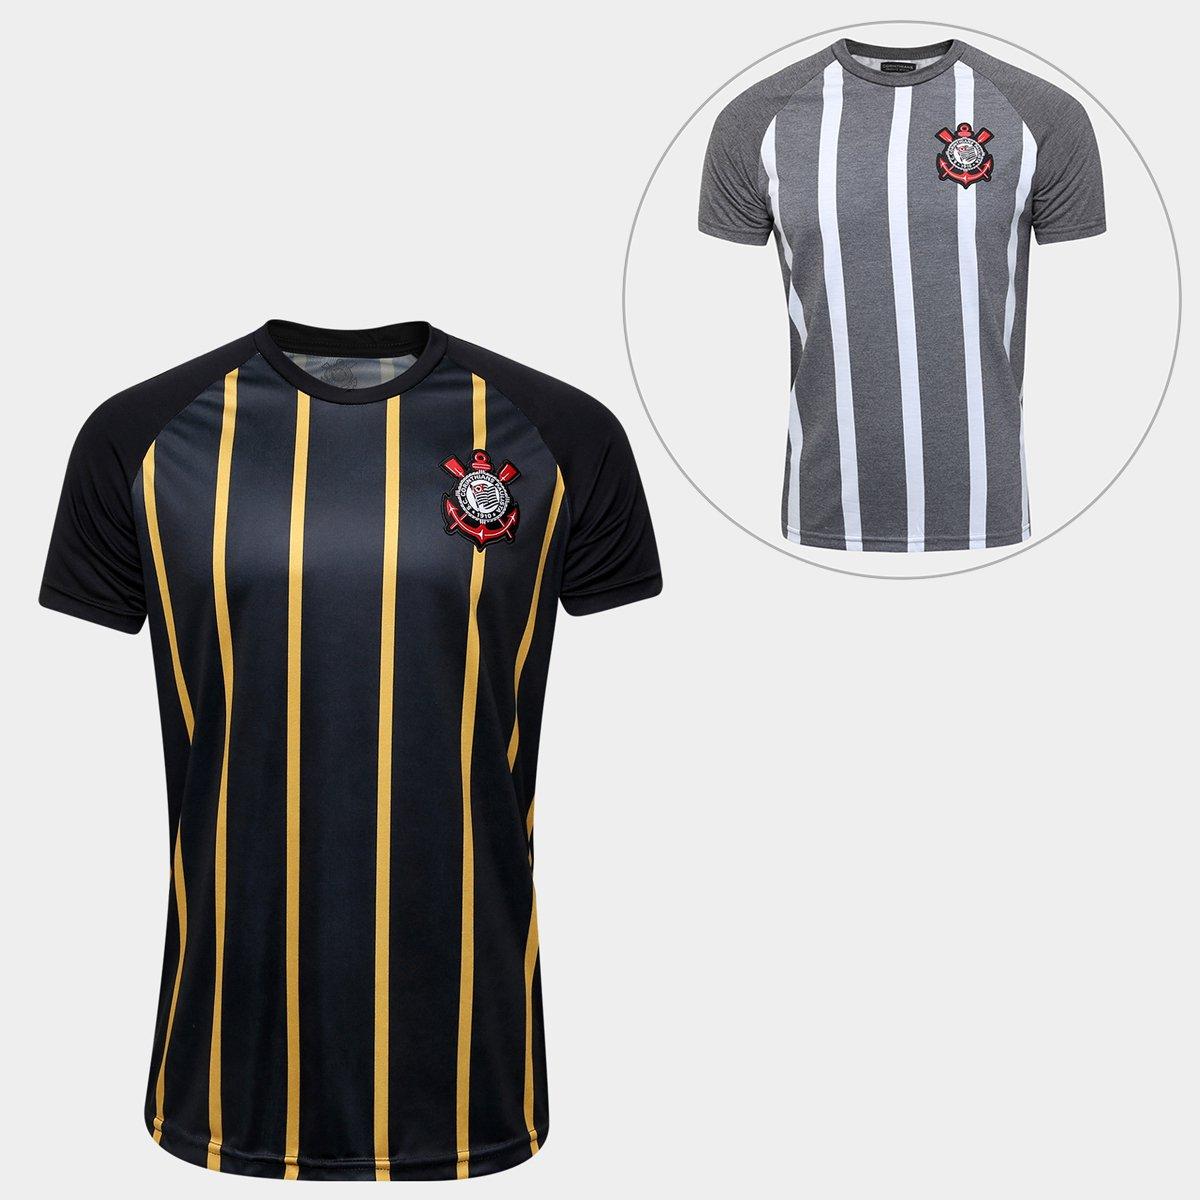 953fd929347dc Kit Corinthians - Camisa Gold + Camisa Retrô - Compre Agora